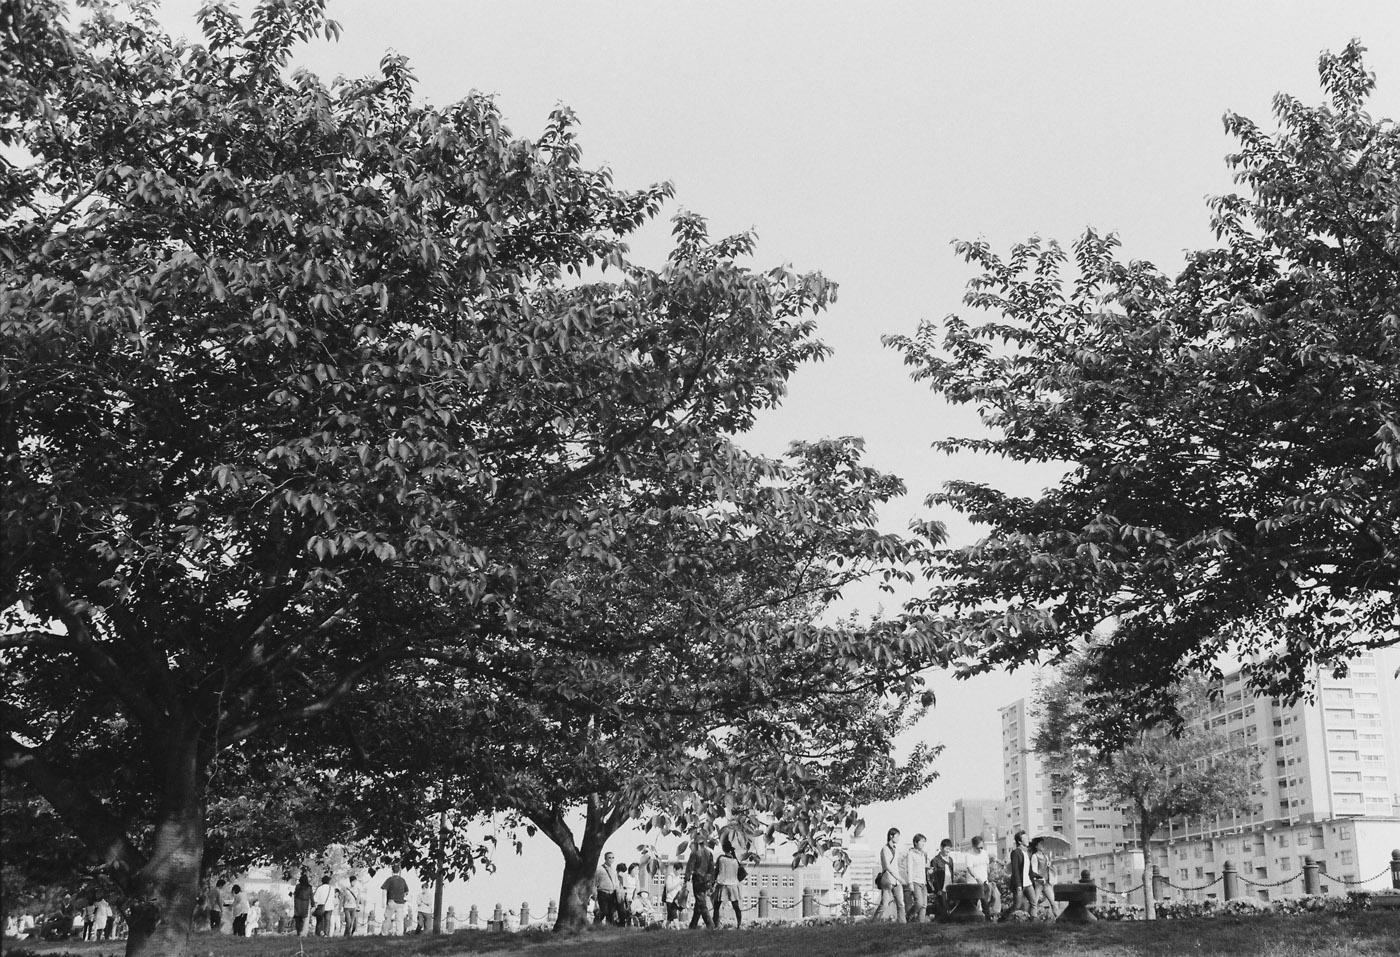 東京観光写真倶楽部、撮影会「福生」、募集中。_c0120903_23164726.jpg